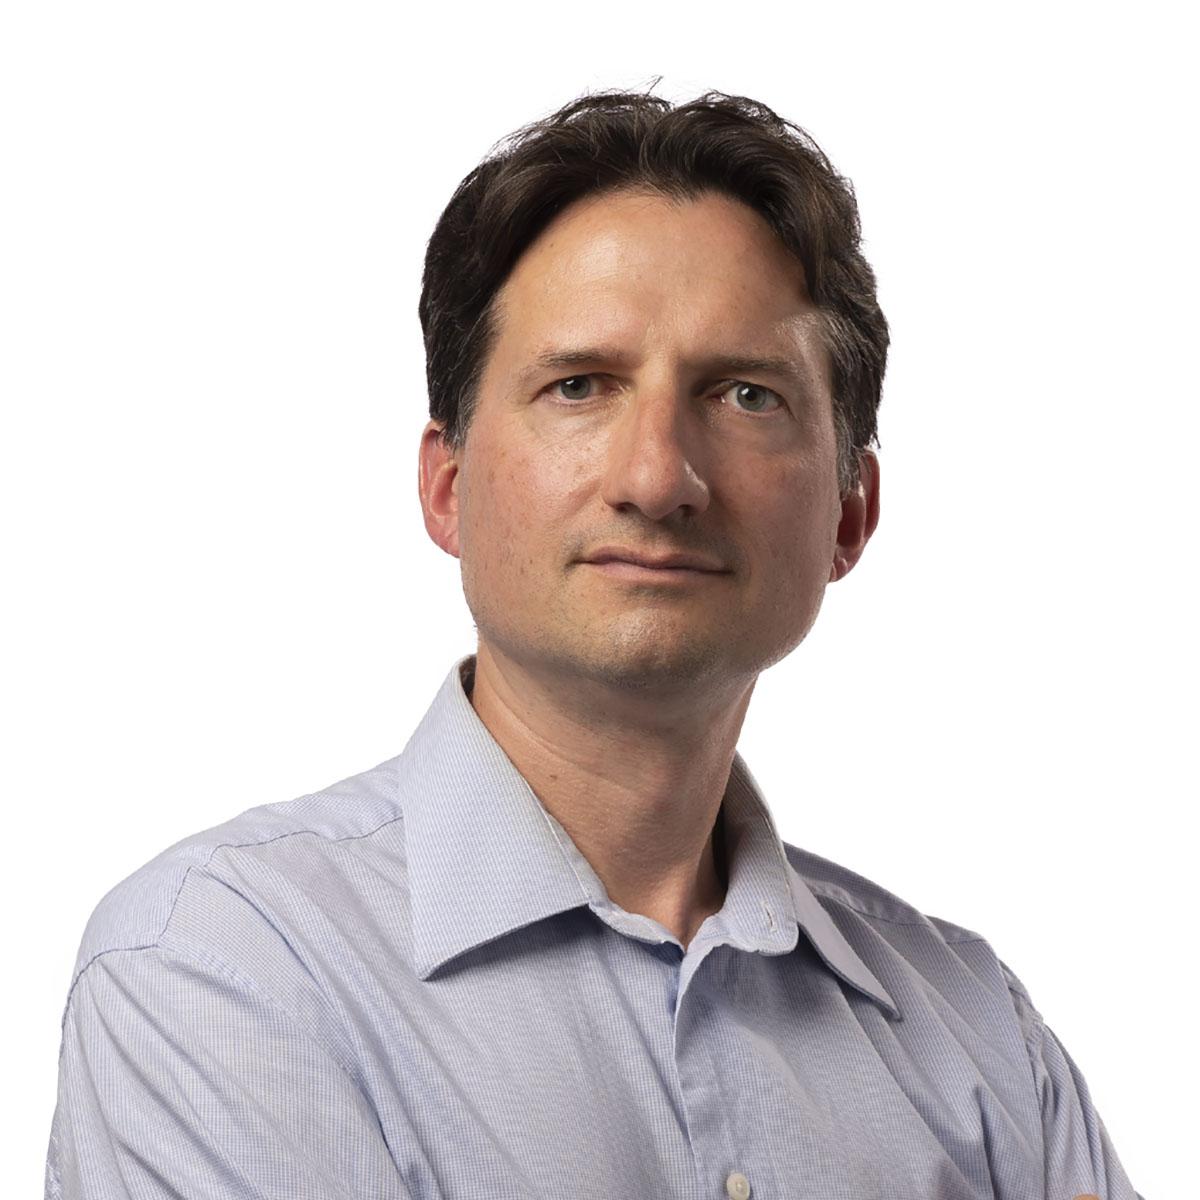 Dr. James Baughan